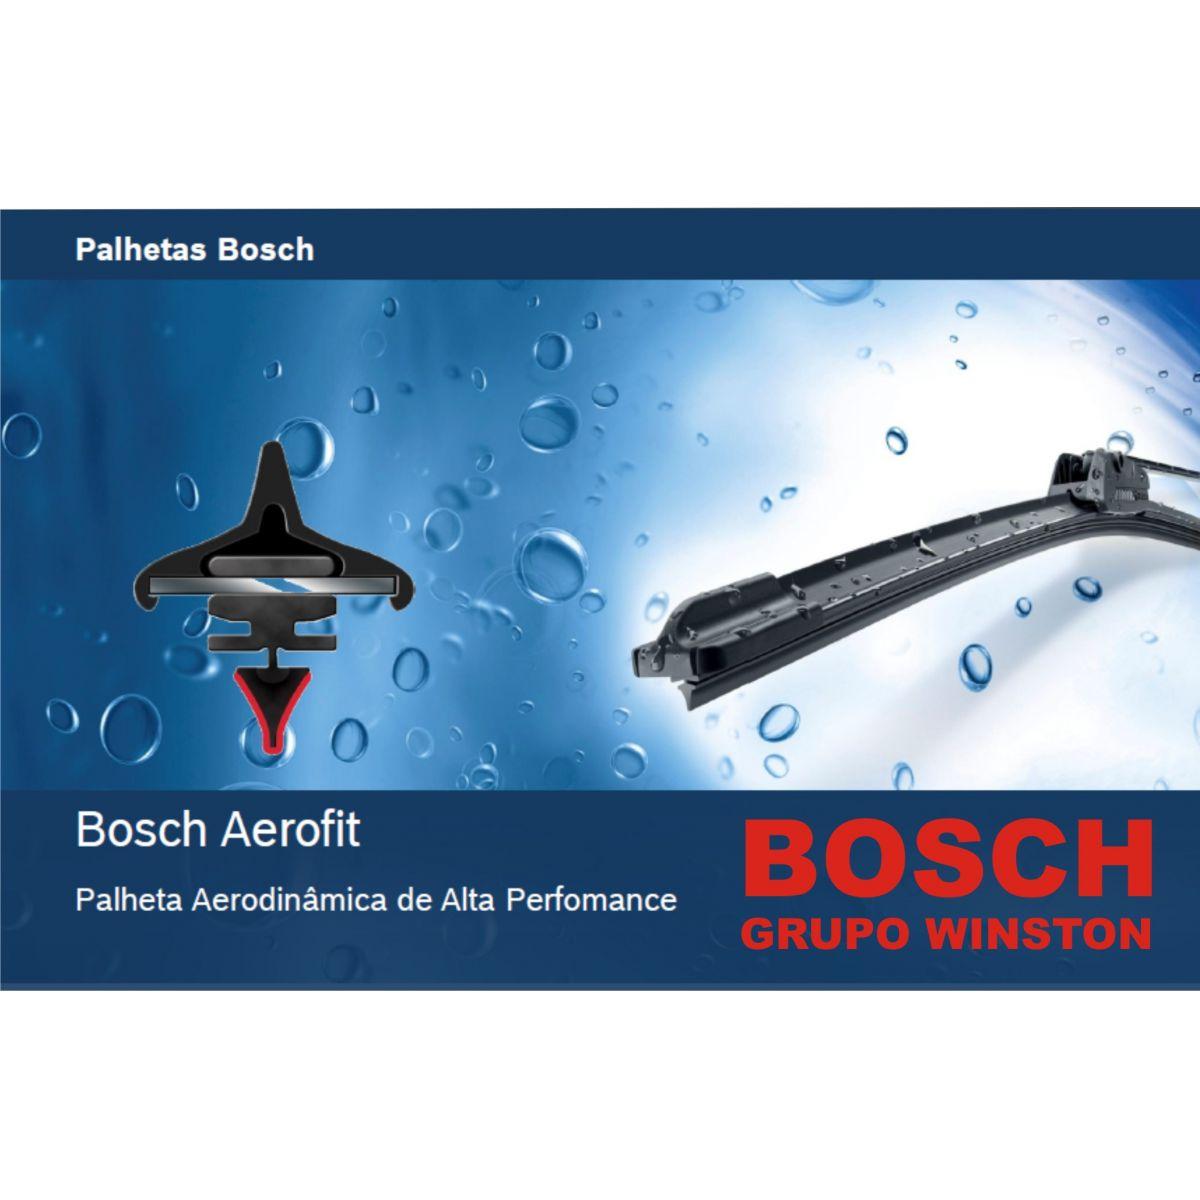 Palheta Bosch Aerofit Limpador de para brisa Bosch VOLVO 740 940 S40 I V40